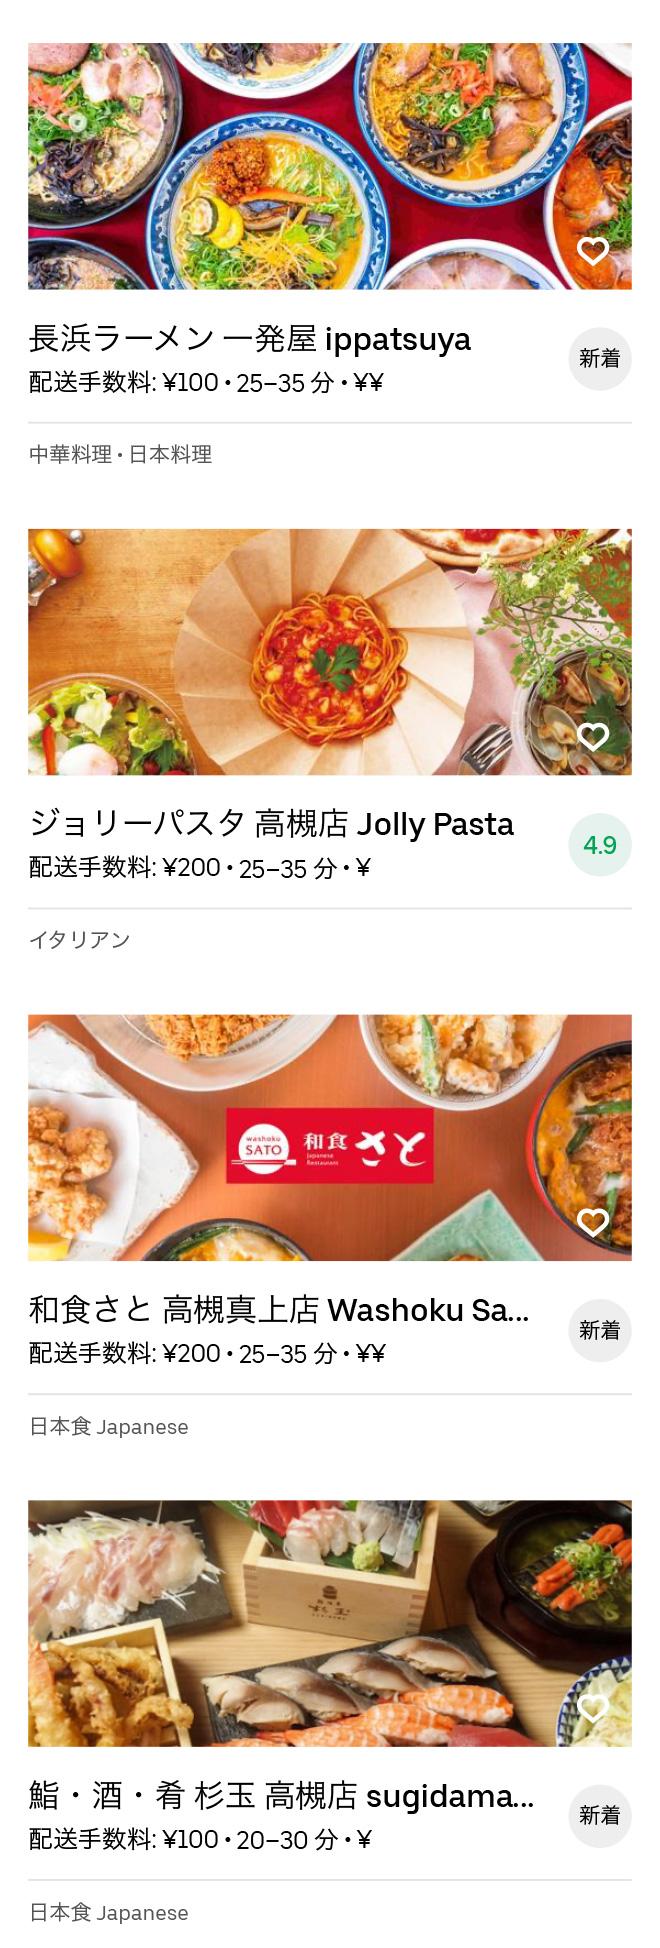 Takatsuki menu 2008 05